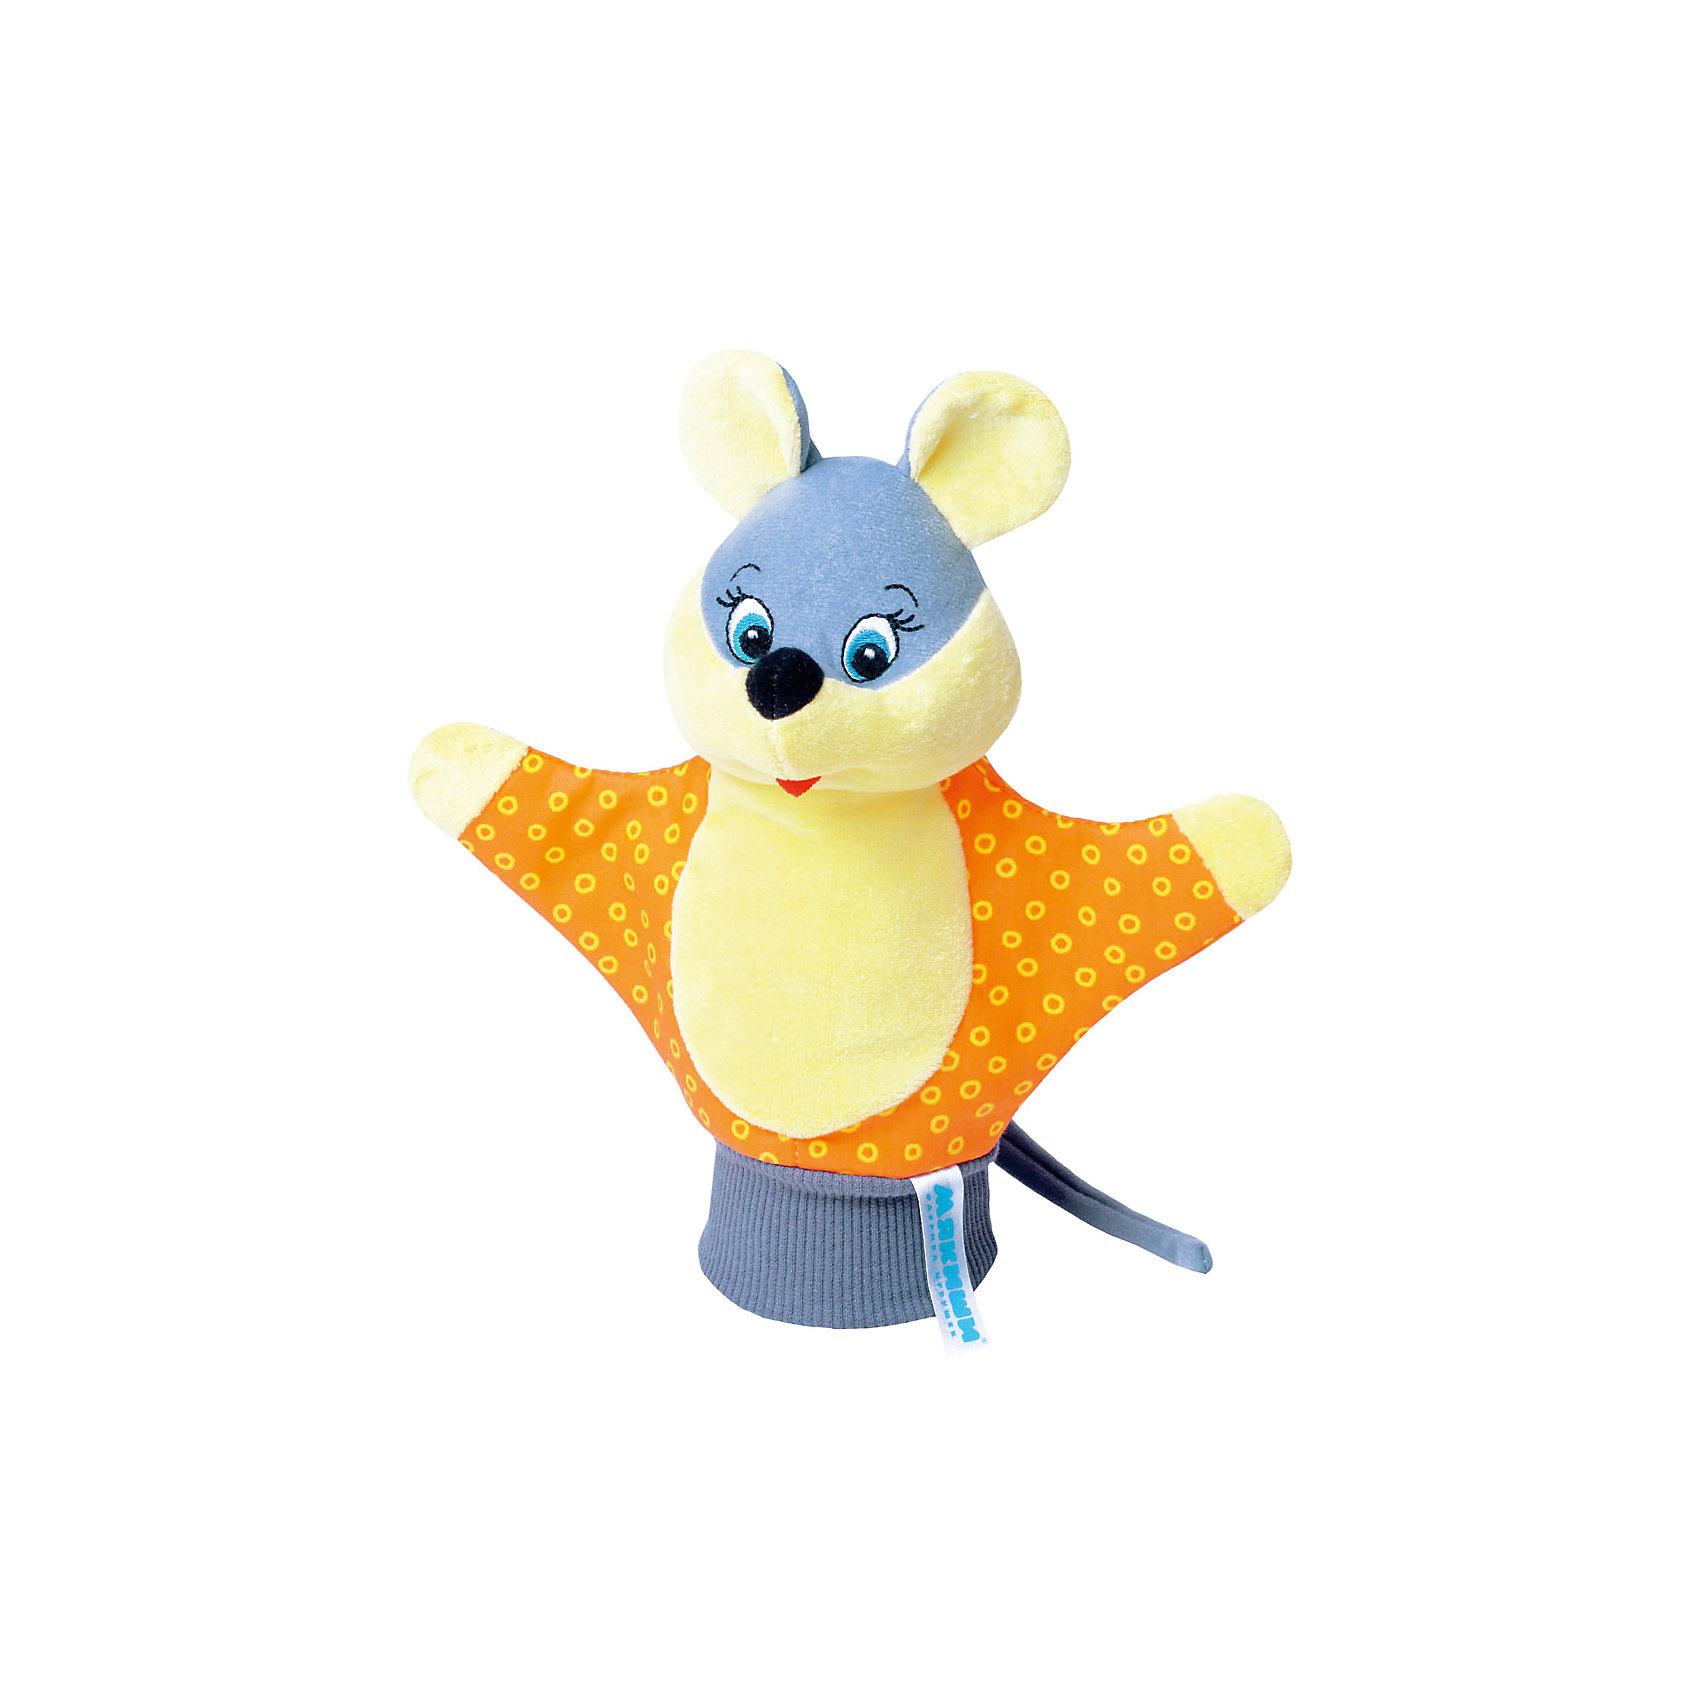 Игрушка-рукавичка Мышка, МякишиМягкие игрушки<br>Характеристики товара:<br><br>• материал: трикотаж, велюр<br>• комплектация: 1 шт<br>• размер игрушки: 22х21 см<br>• размер упаковки: 22х21 см<br>• развивающая игрушка<br>• упаковка: пакет<br>• звуковой элемент внутри<br>• страна бренда: РФ<br>• страна изготовитель: РФ<br><br>Малыши активно познают мир и тянутся к новой информации. Чтобы сделать процесс изучения окружающего пространства интереснее, ребенку можно подарить развивающие игрушки. В процессе игры информация усваивается намного лучше!<br>Такие игрушки-рукавички помогут занять малыша, играть с ними приятно и весело. Игрушка имеет универсальный размер - она отлично сядет и по взрослой руке и по детской ручке. С ней можно разыграть множество сюжетов! Одновременно она позволит познакомиться с разными цветами и фактурами. Такие игрушки развивают тактильные ощущения, моторику, цветовосприятие, логику, воображение, учат фокусировать внимание. Каждое изделие абсолютно безопасно – оно создано из качественной ткани с мягким наполнителем. Игрушки производятся из качественных и проверенных материалов, которые безопасны для детей.<br><br>Игрушку-рукавичку Мышка от бренда Мякиши можно купить в нашем интернет-магазине.<br><br>Ширина мм: 200<br>Глубина мм: 80<br>Высота мм: 210<br>Вес г: 50<br>Возраст от месяцев: 12<br>Возраст до месяцев: 36<br>Пол: Унисекс<br>Возраст: Детский<br>SKU: 5183168